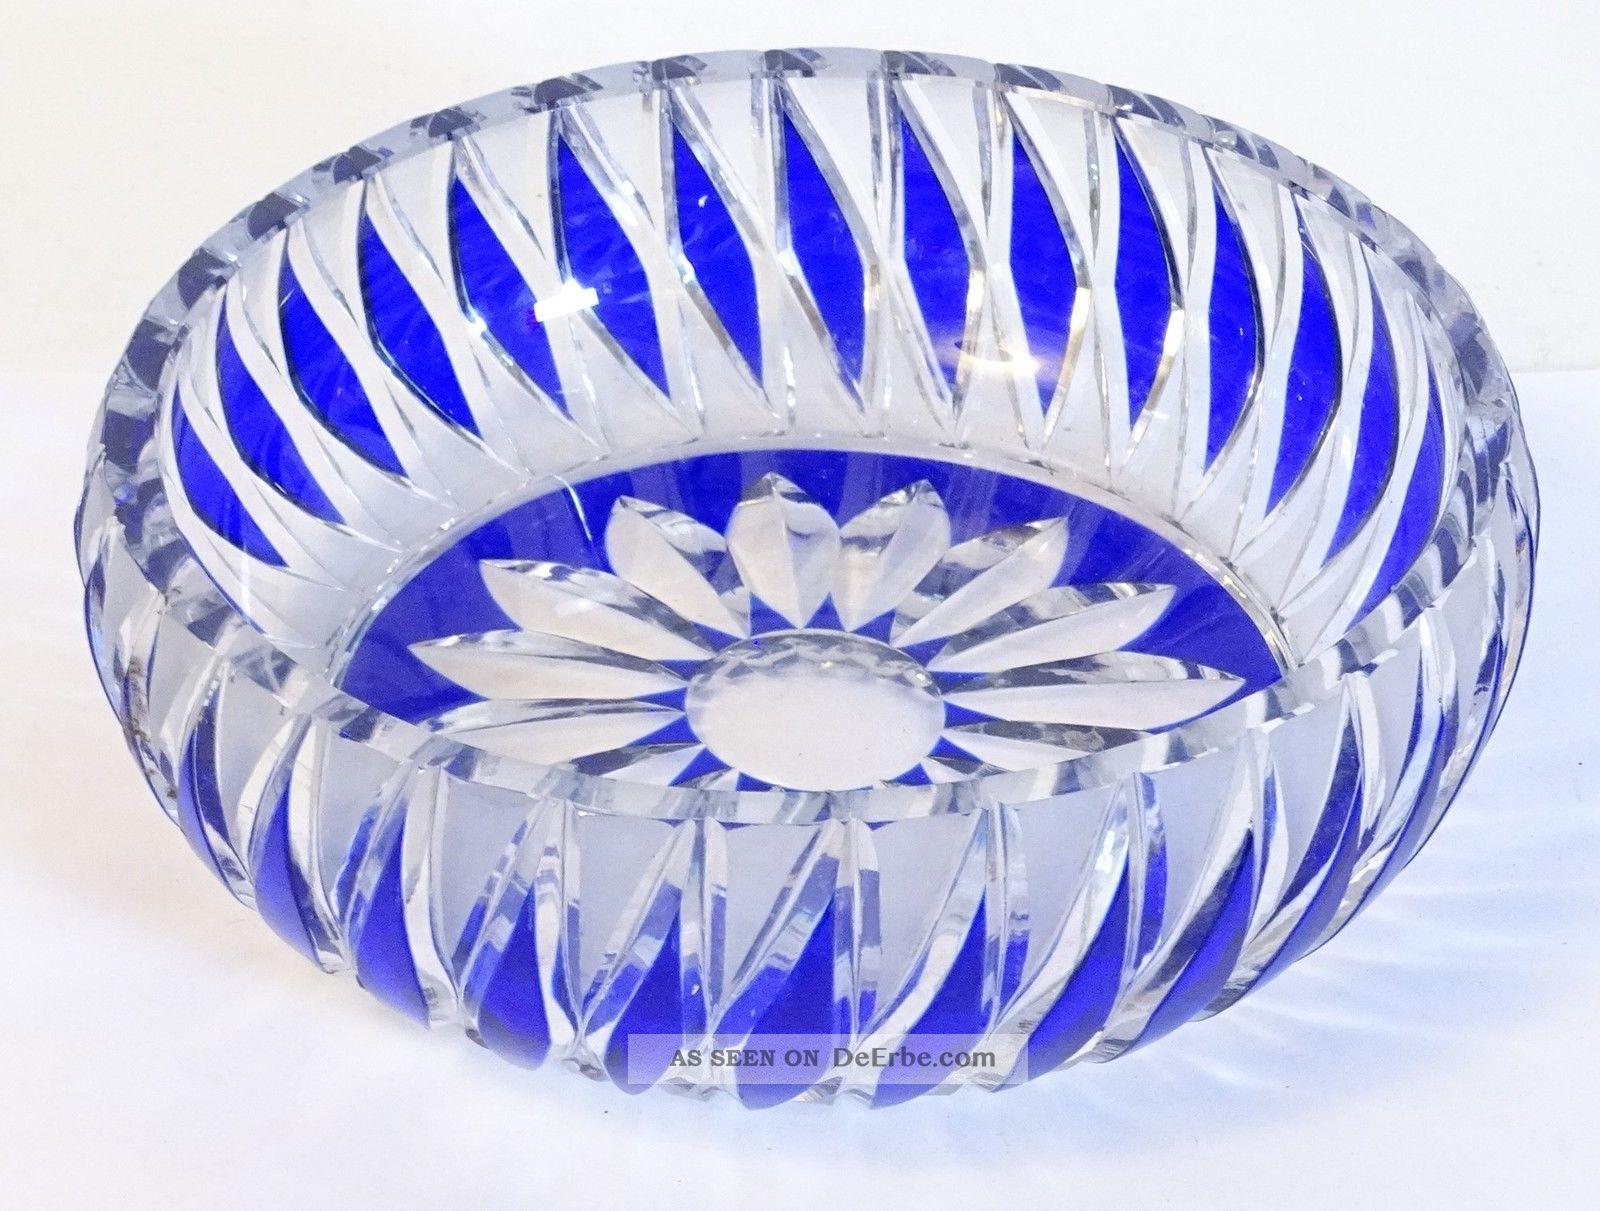 Tolle Blei Kristall Glas Schale Anbietschale Konfektschale Blau Blumenmuster Kristall Bild